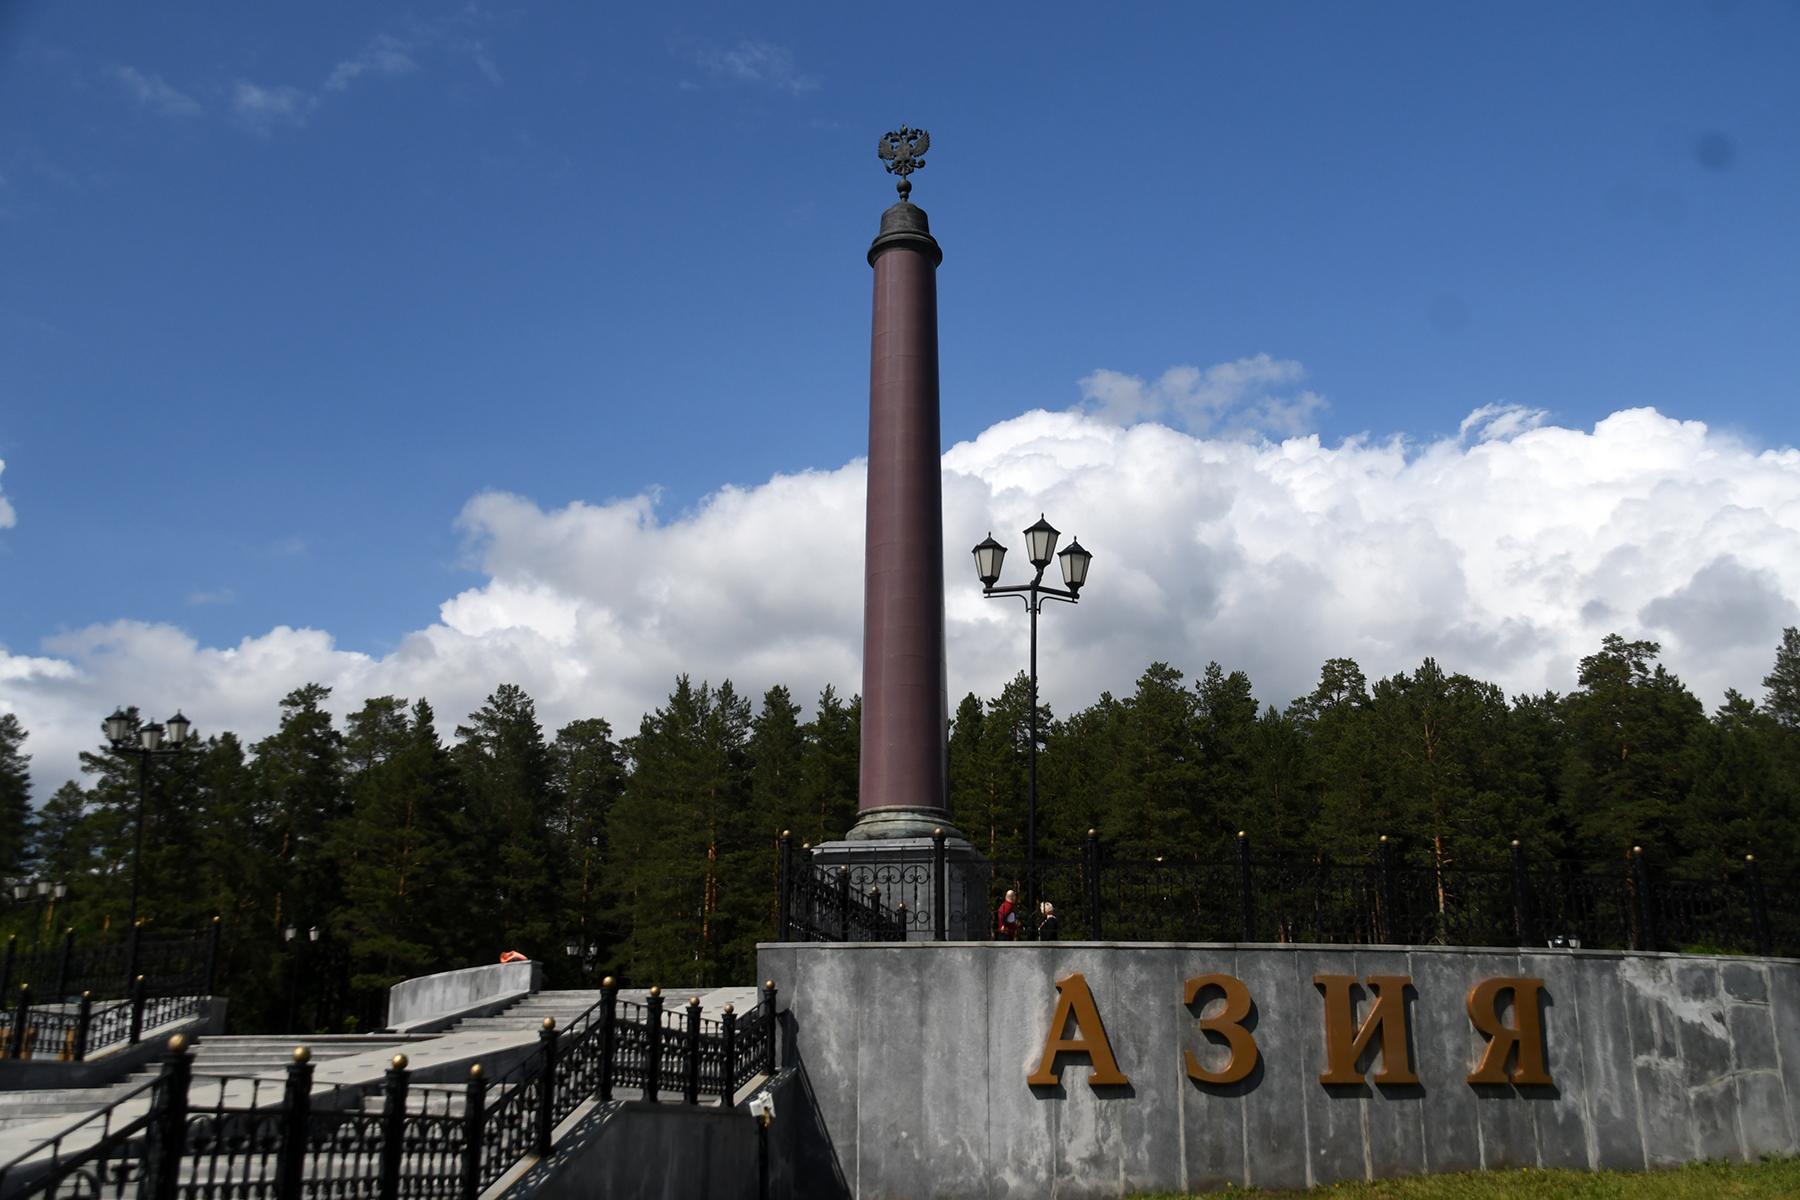 Euroopa-Aasia piiritähis Jekaterinburgi ja Moskva vahelise maantee ääres. Foto Urmas Saard